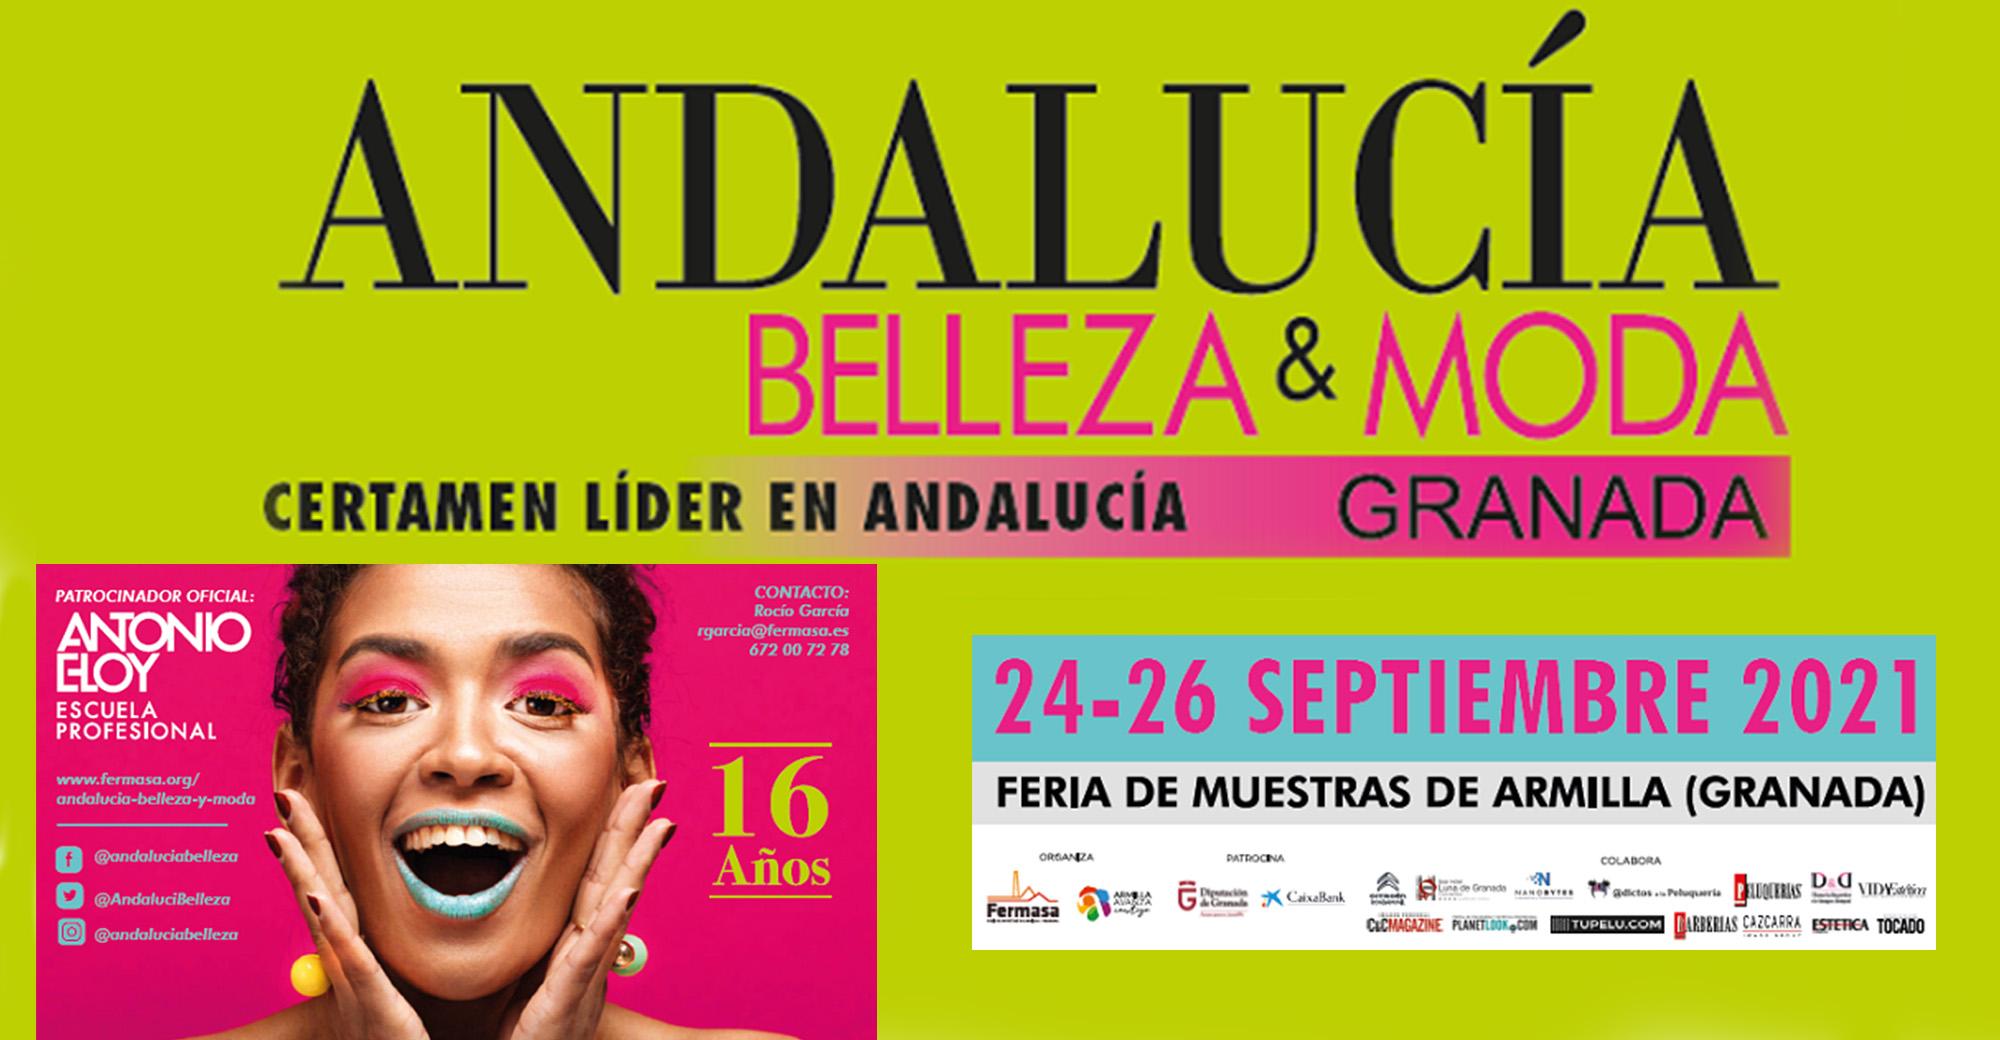 Andalucía Belleza & Moda 2021